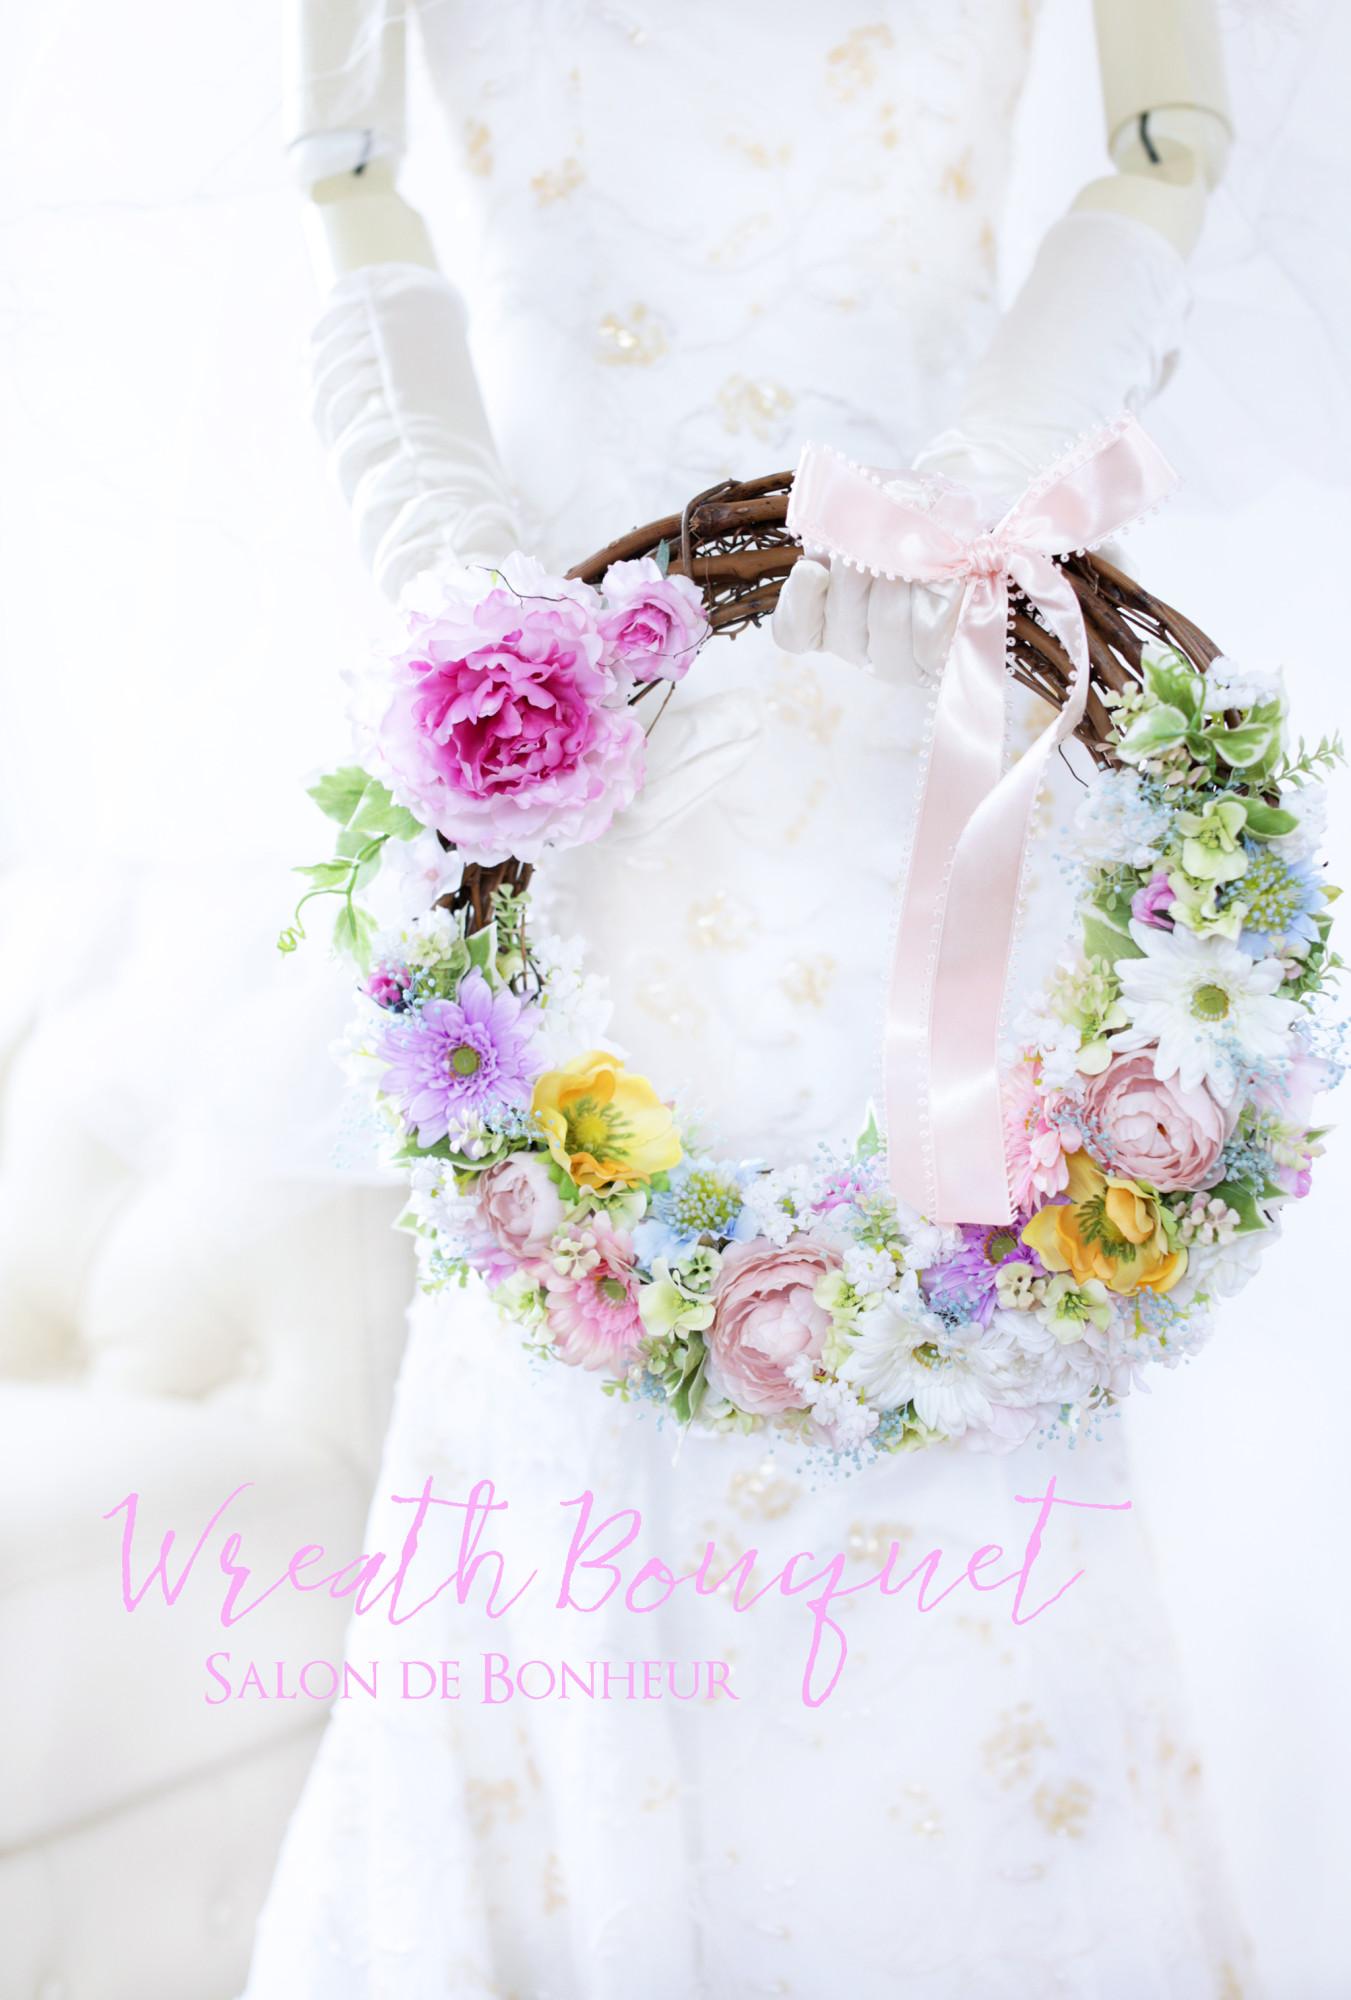 b_wreathbouquet20180207_1